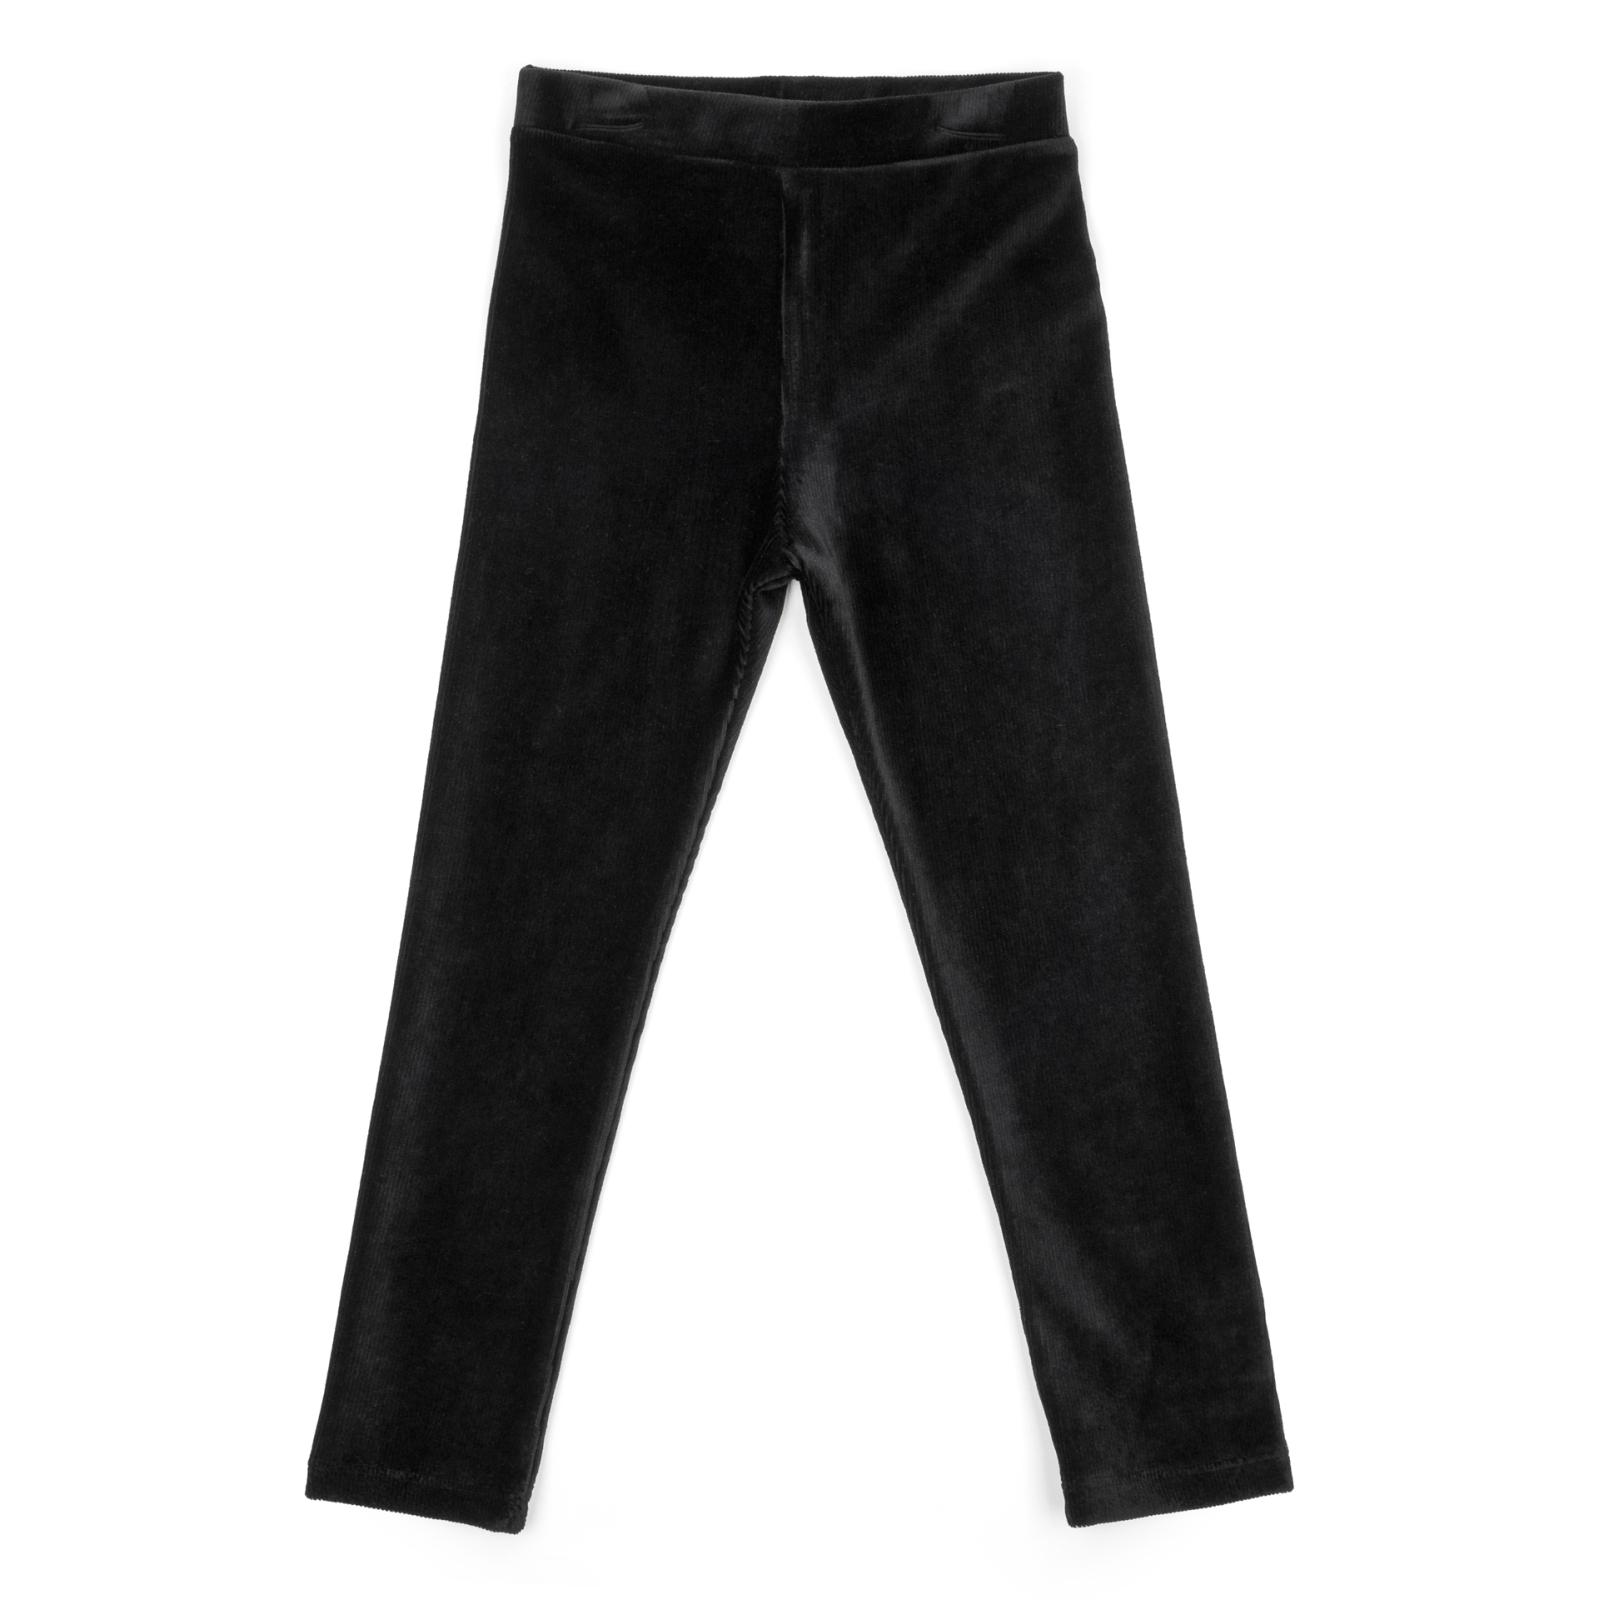 Лосины Breeze велюровые (5254-110G-black)